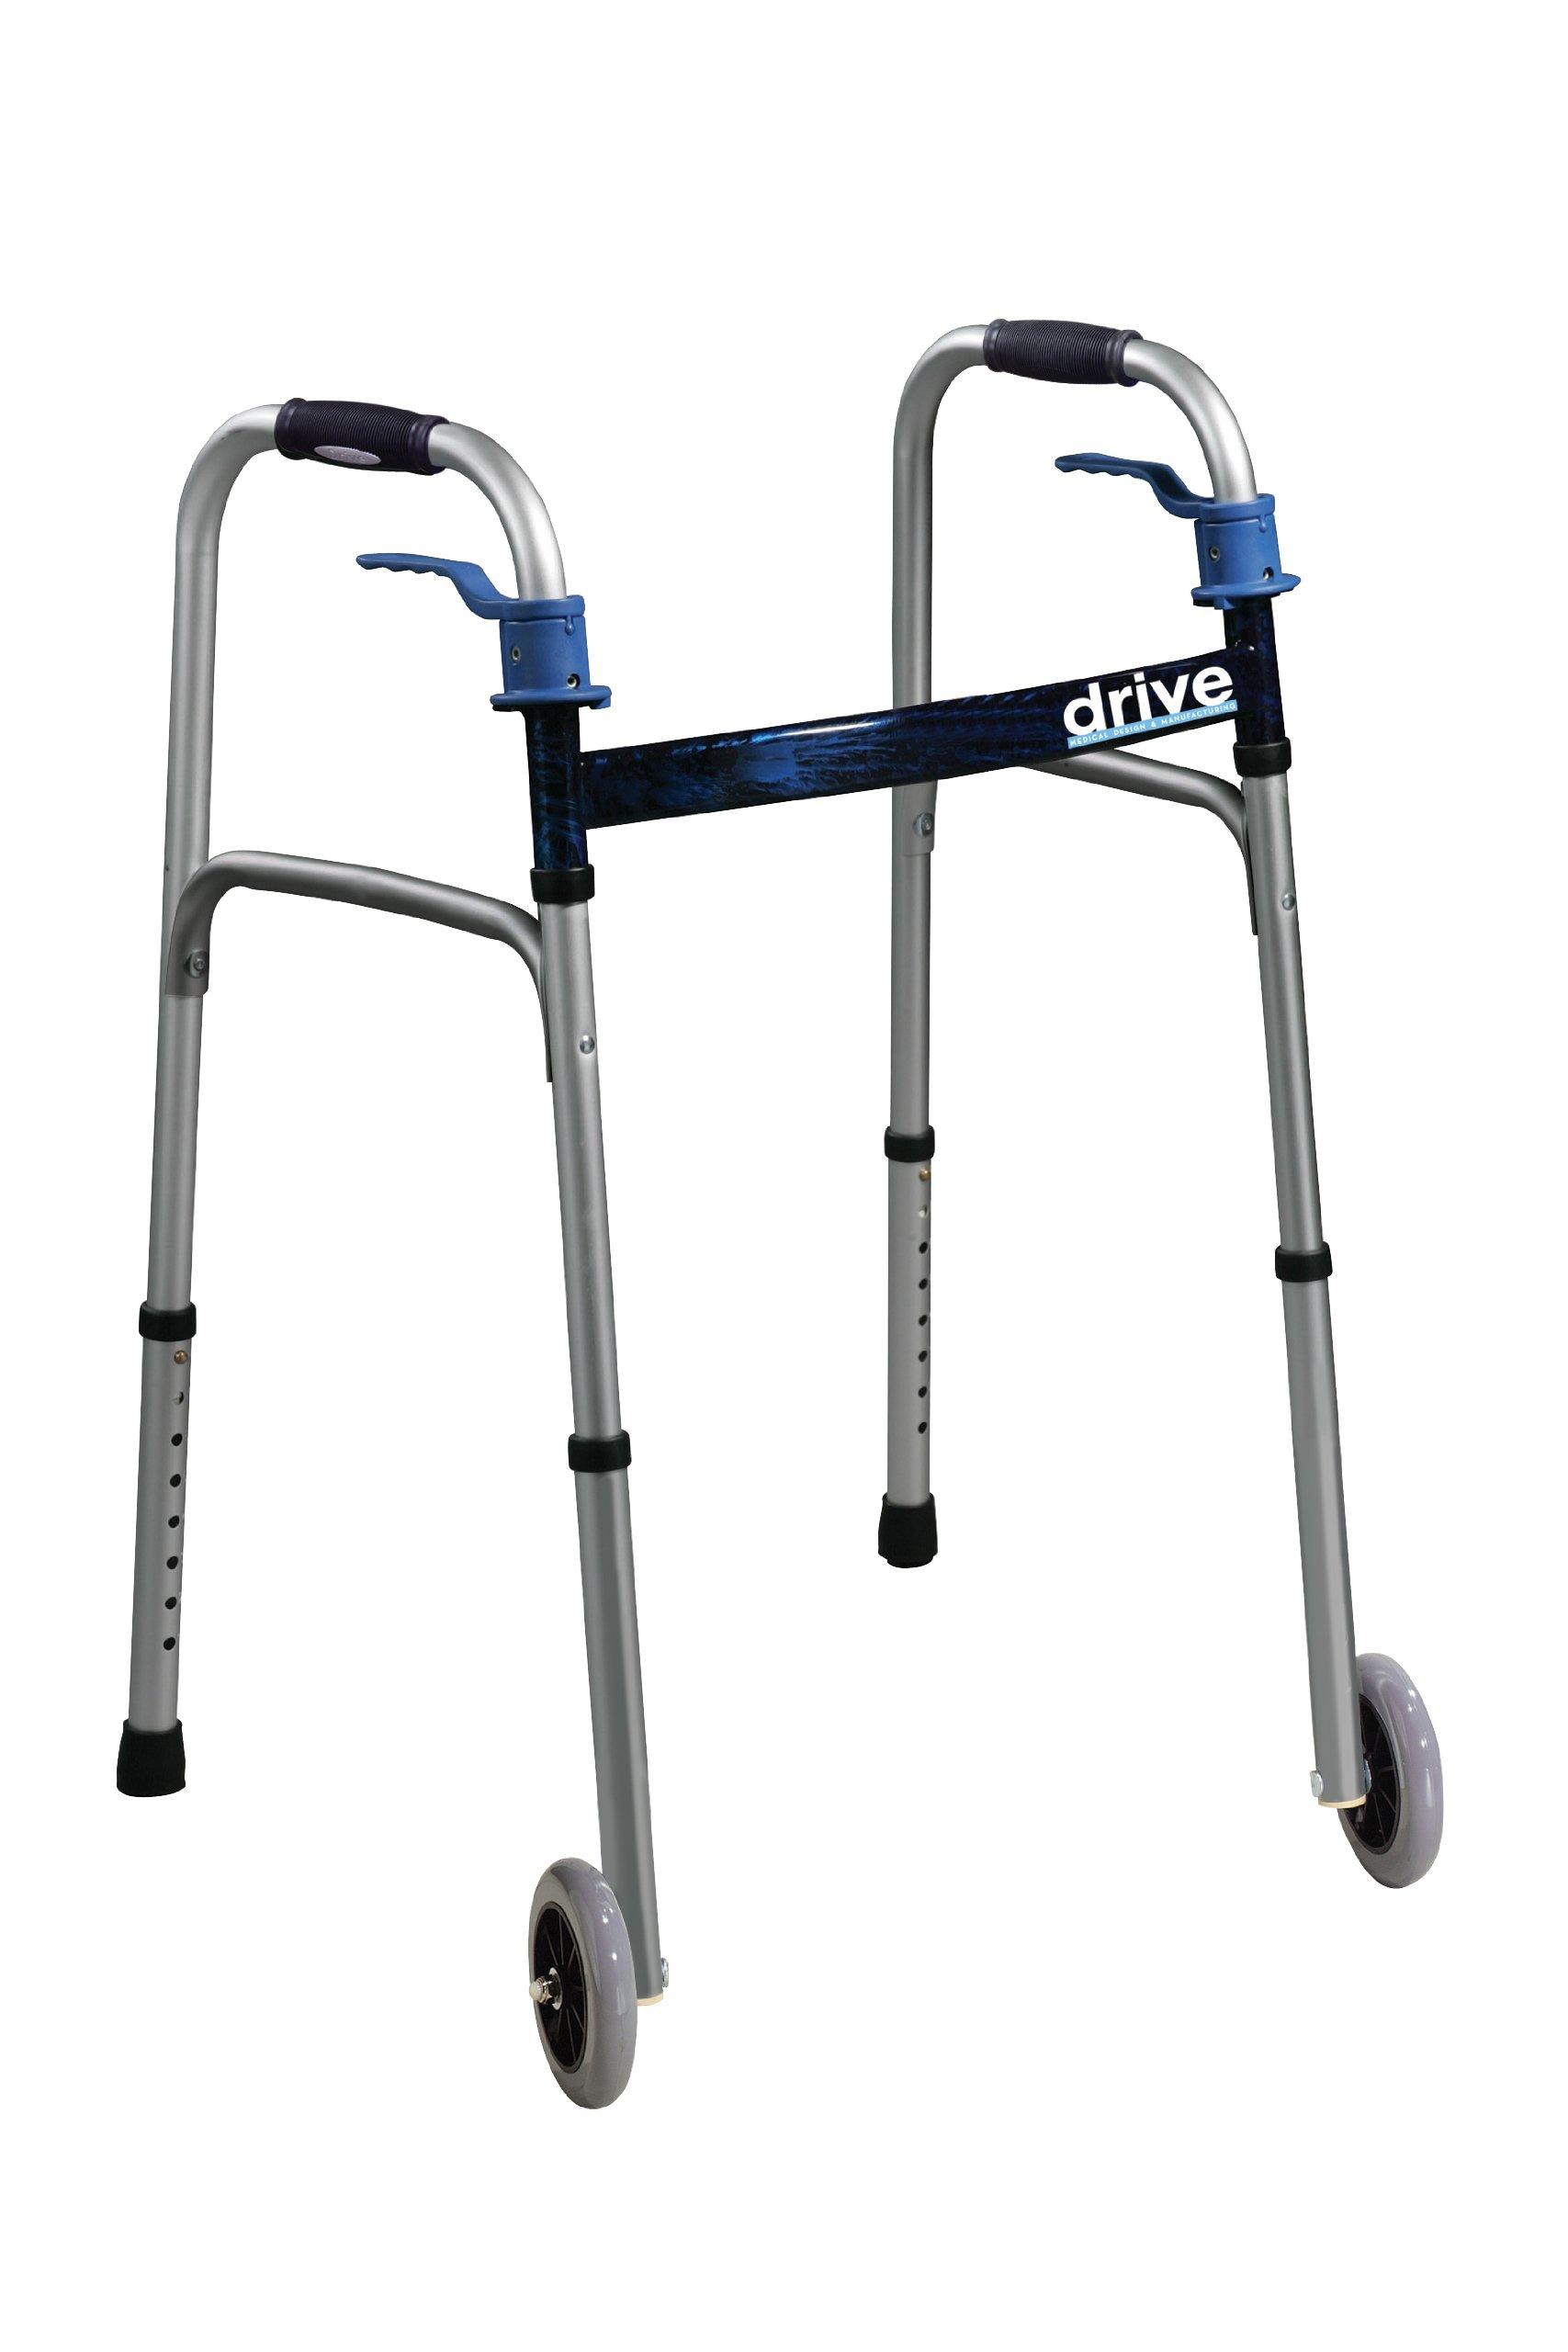 Drive Medical Trigger Release Folding Walker, Brushed Steel by Drive Medical